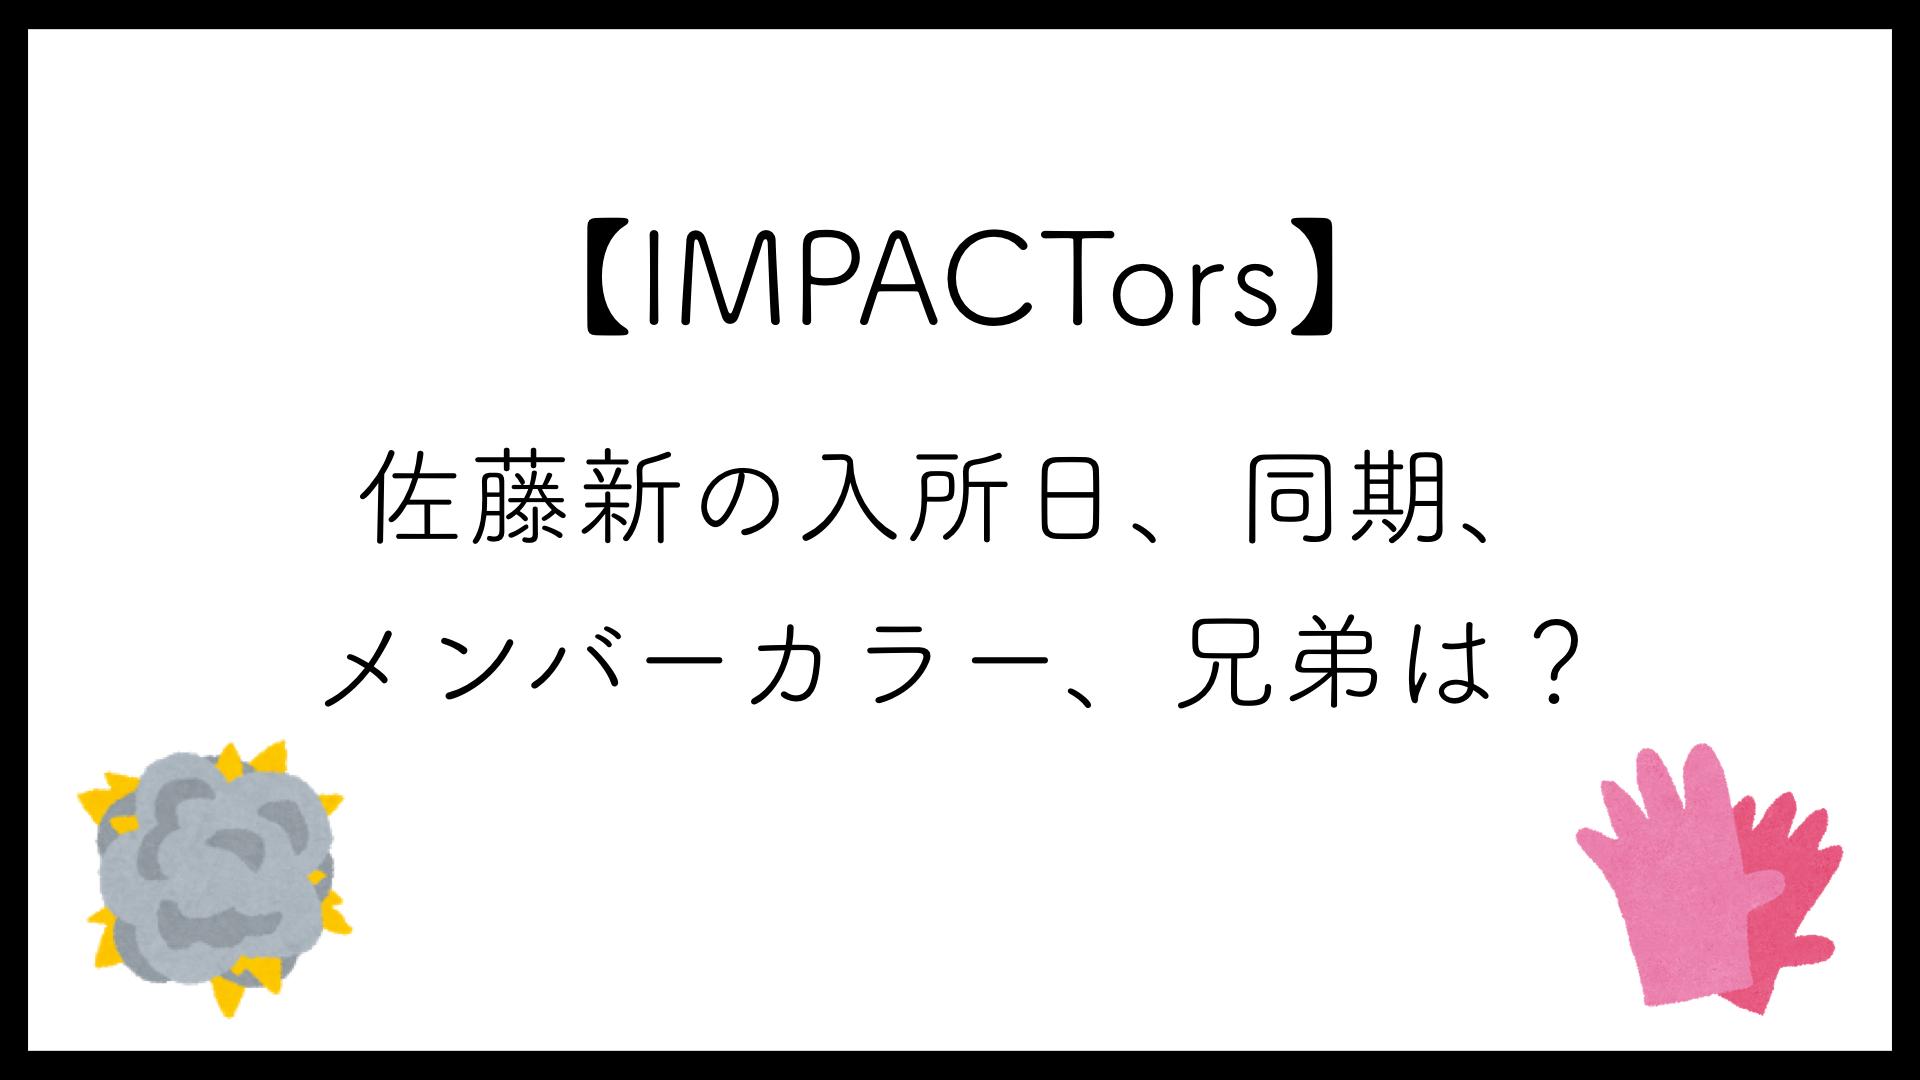 【IMPACTors】佐藤新の入所日、同期、メンバーカラー、兄弟は?